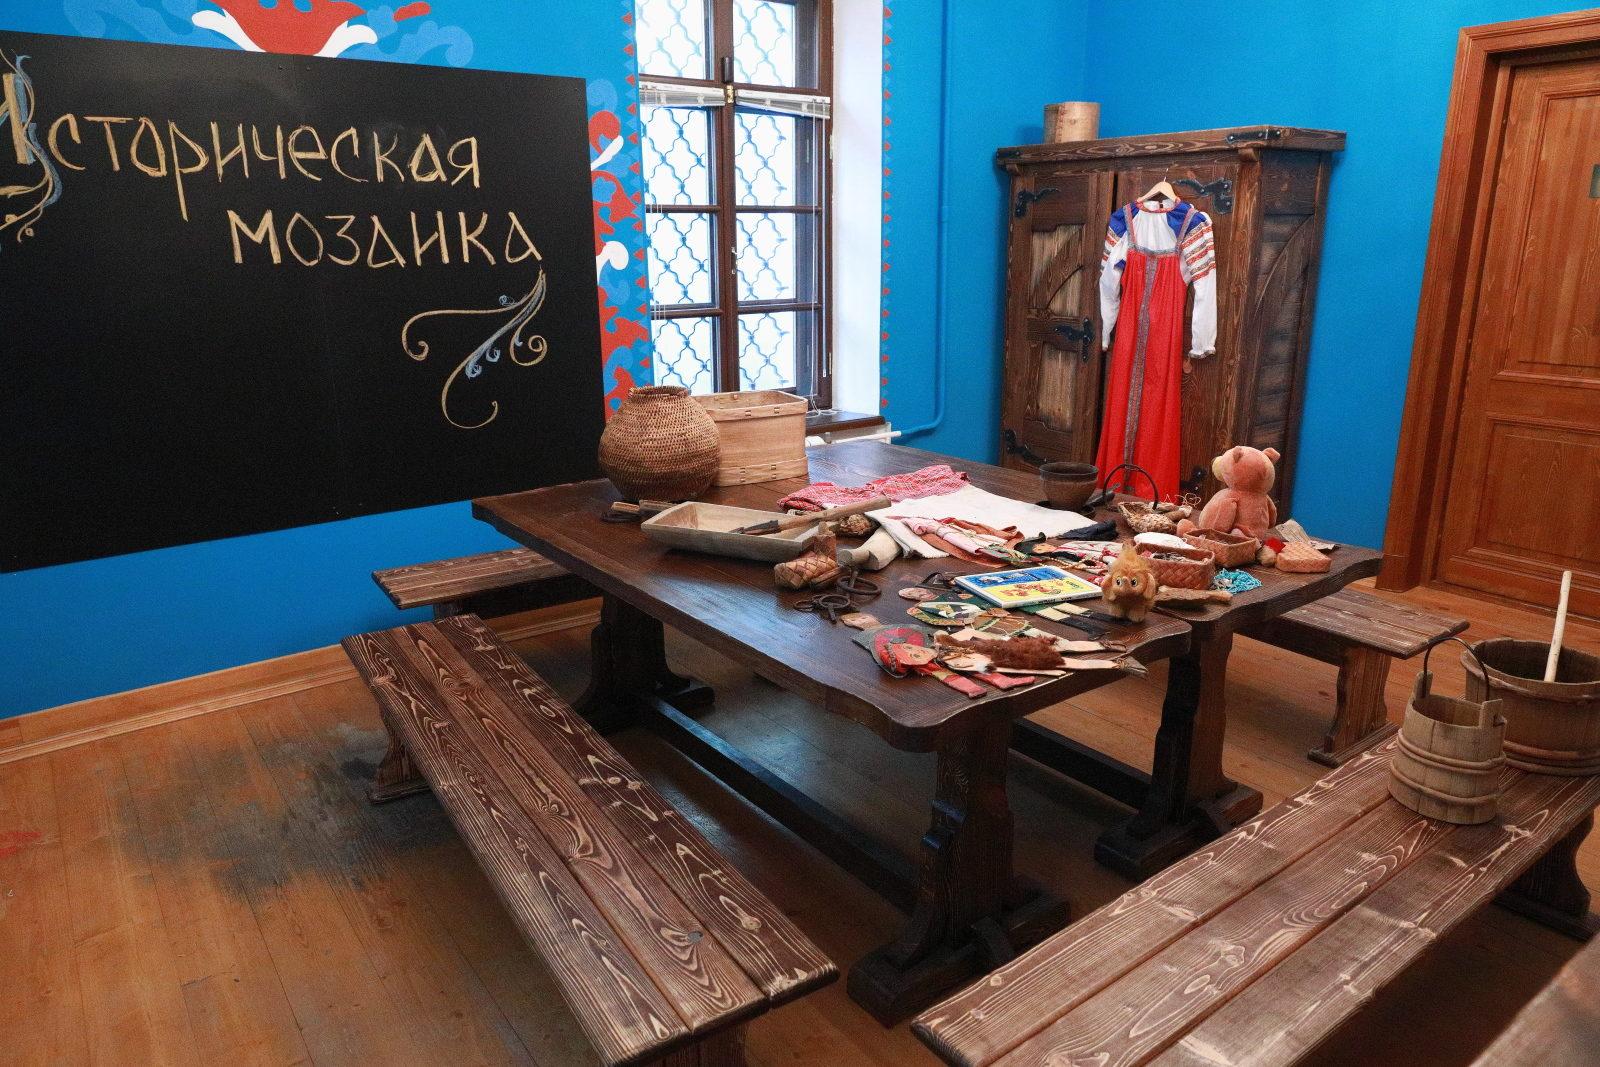 Занятия для родителей с детьми «Историческая мозаика» в Музее военной истории – события на сайте «Московские Сезоны»